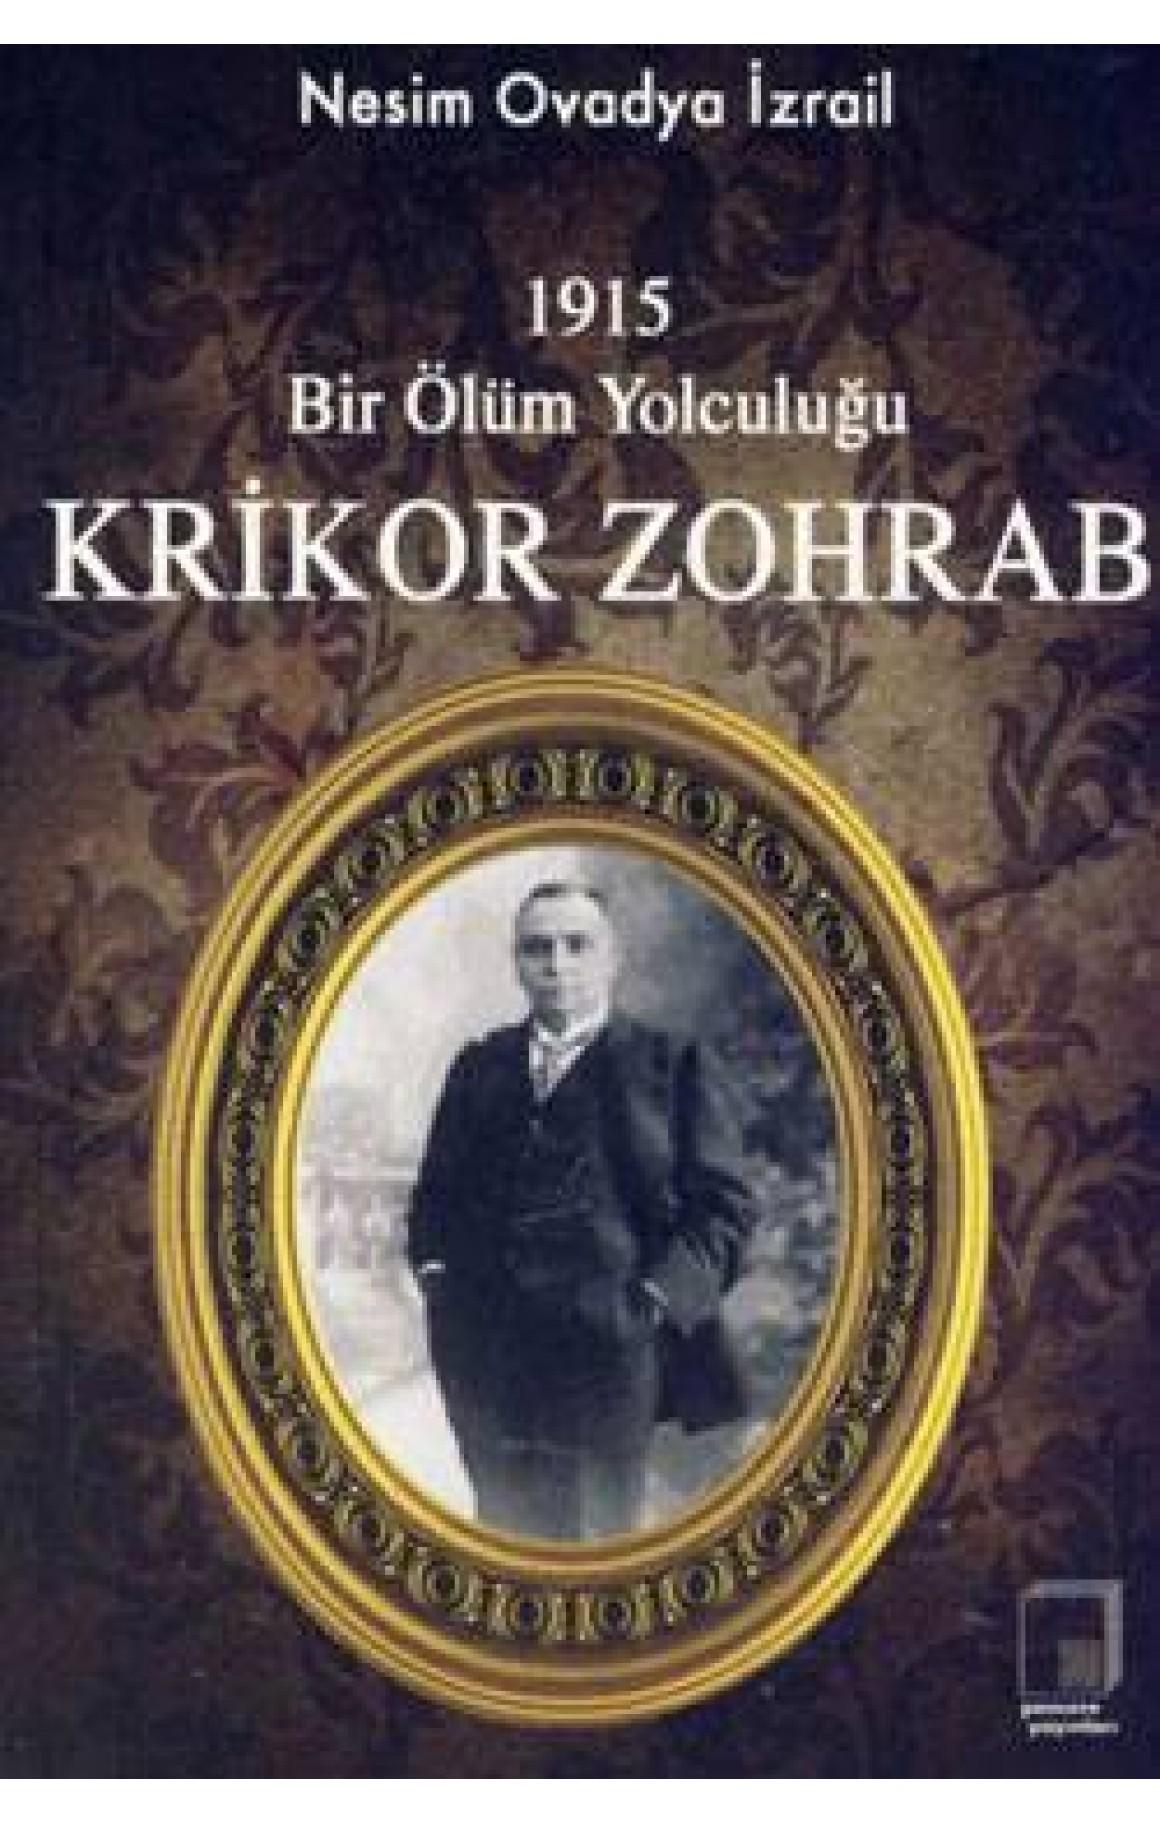 1915 Bir Ölüm Yolculuğu - Krikor Zohrab